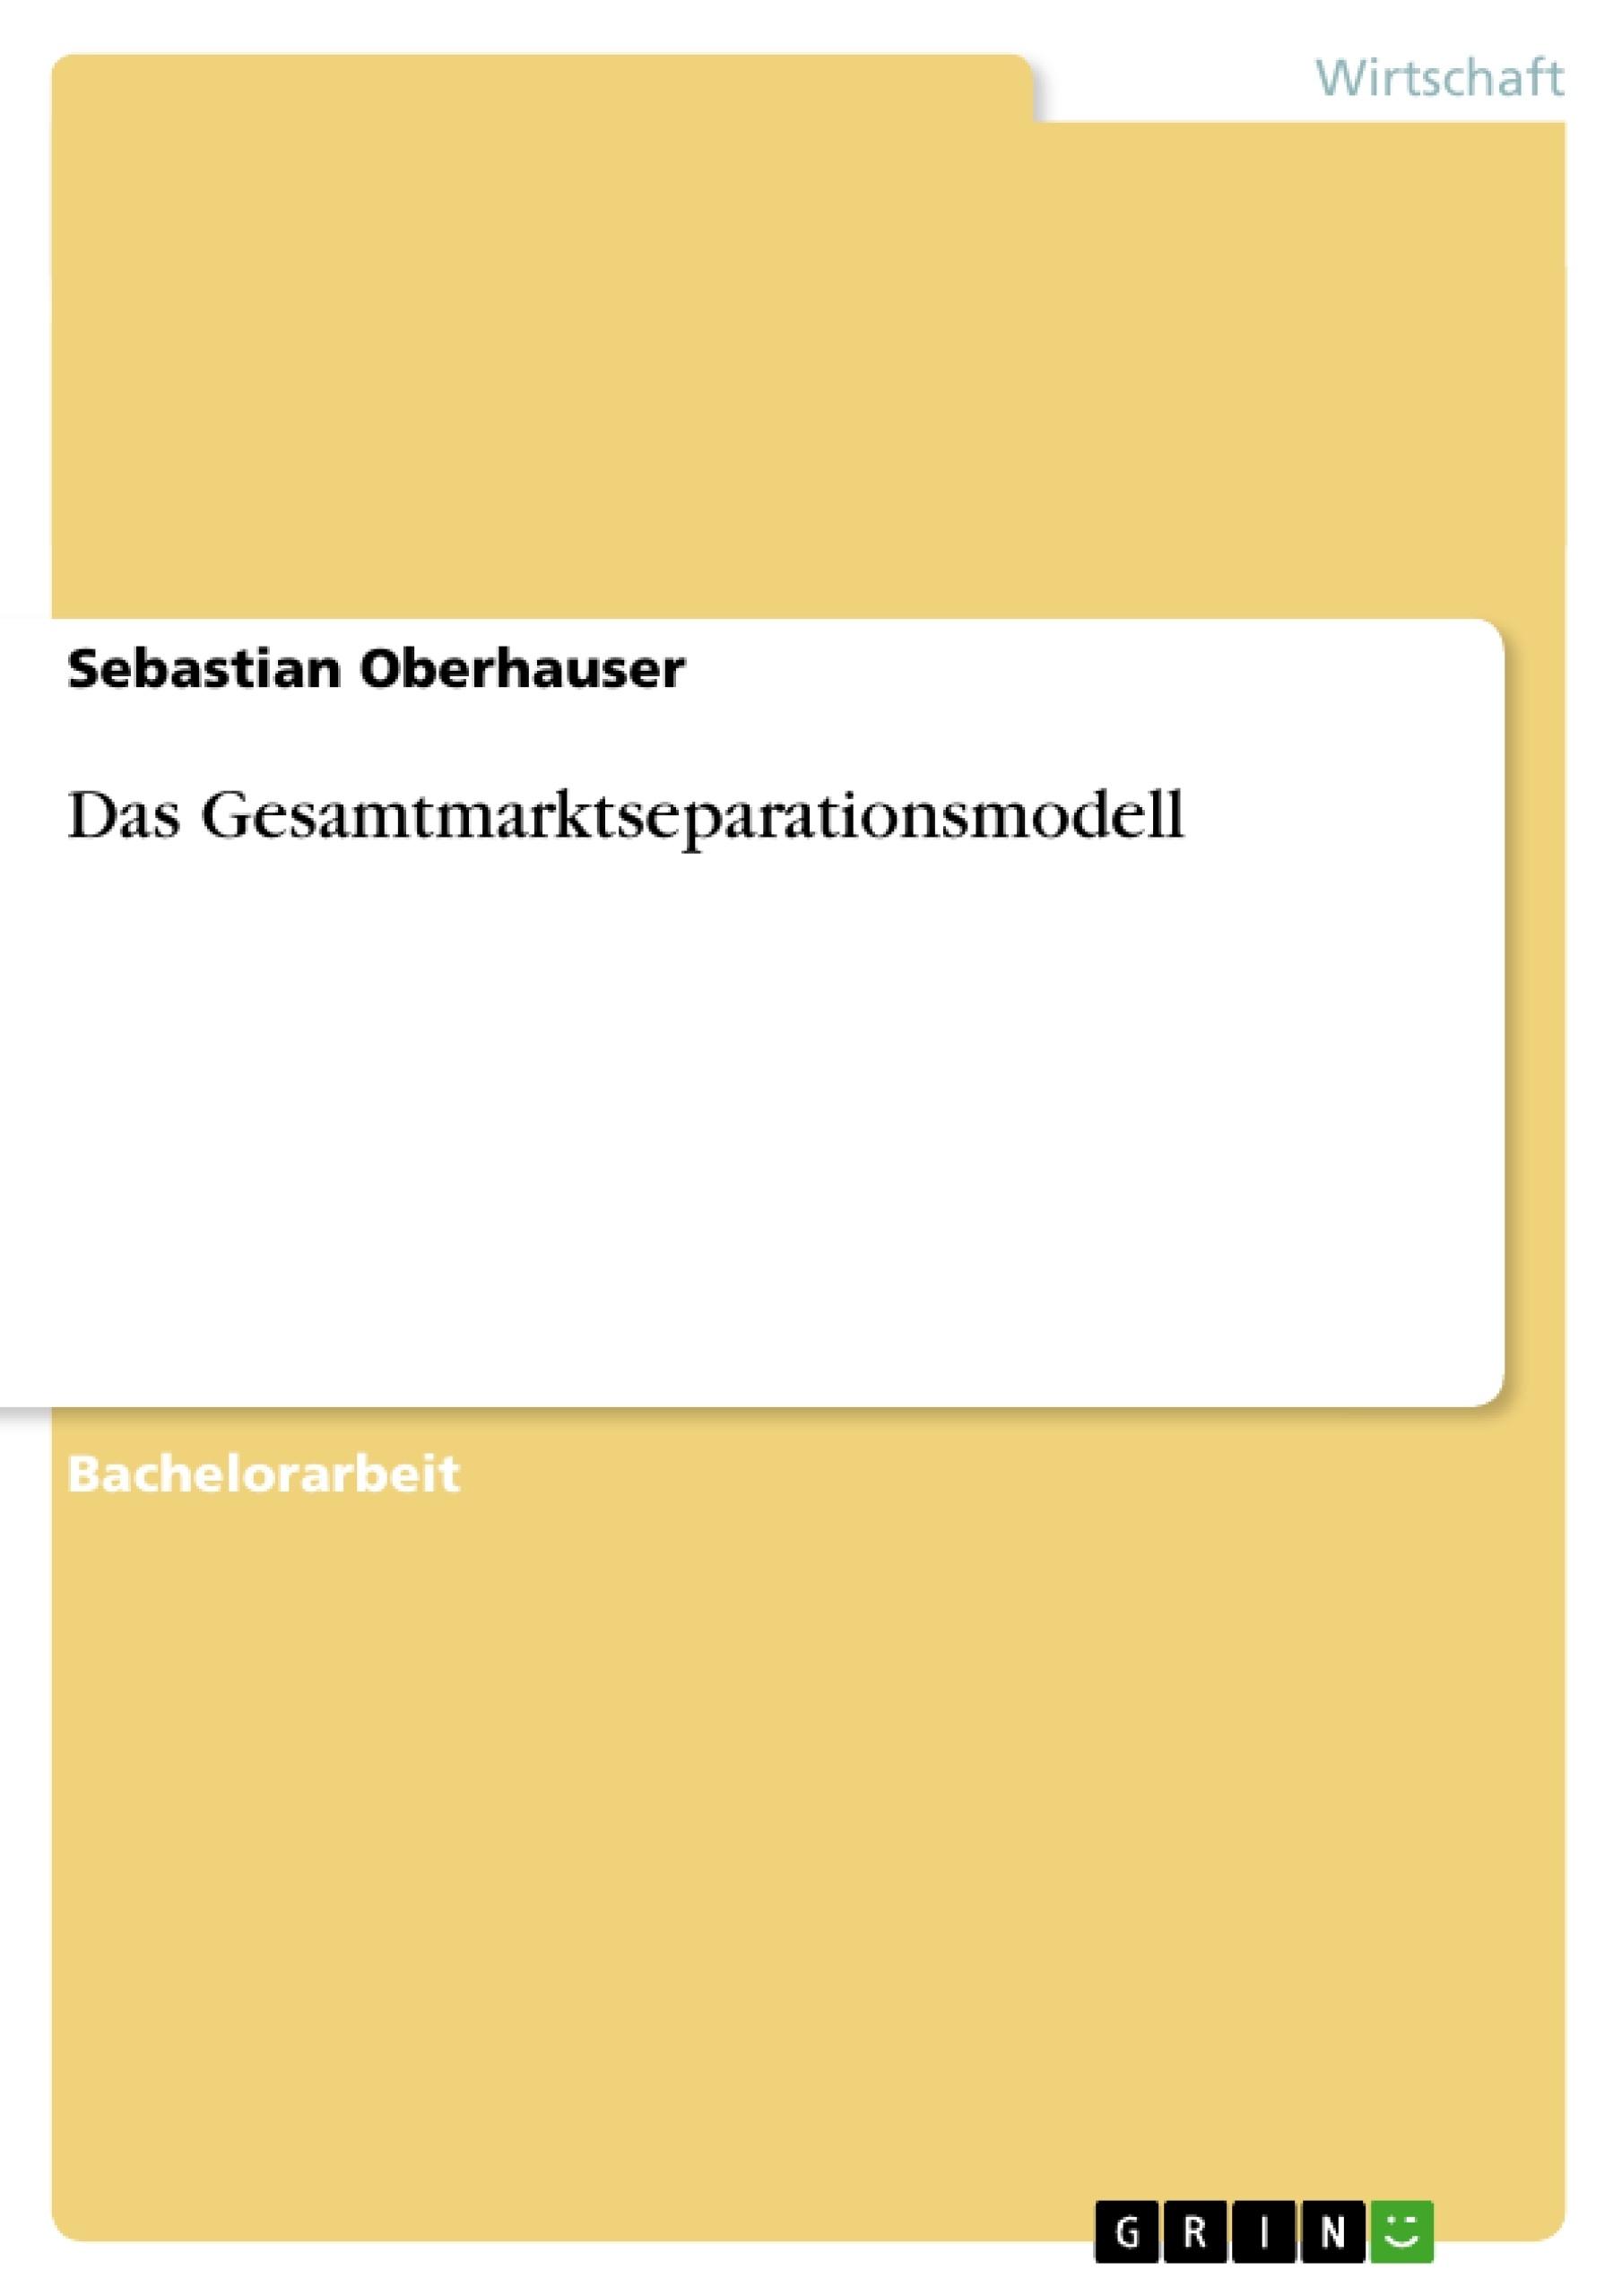 Beautiful Dezimalteilung Einer Tabelle 5Klasse Component - Mathe ...